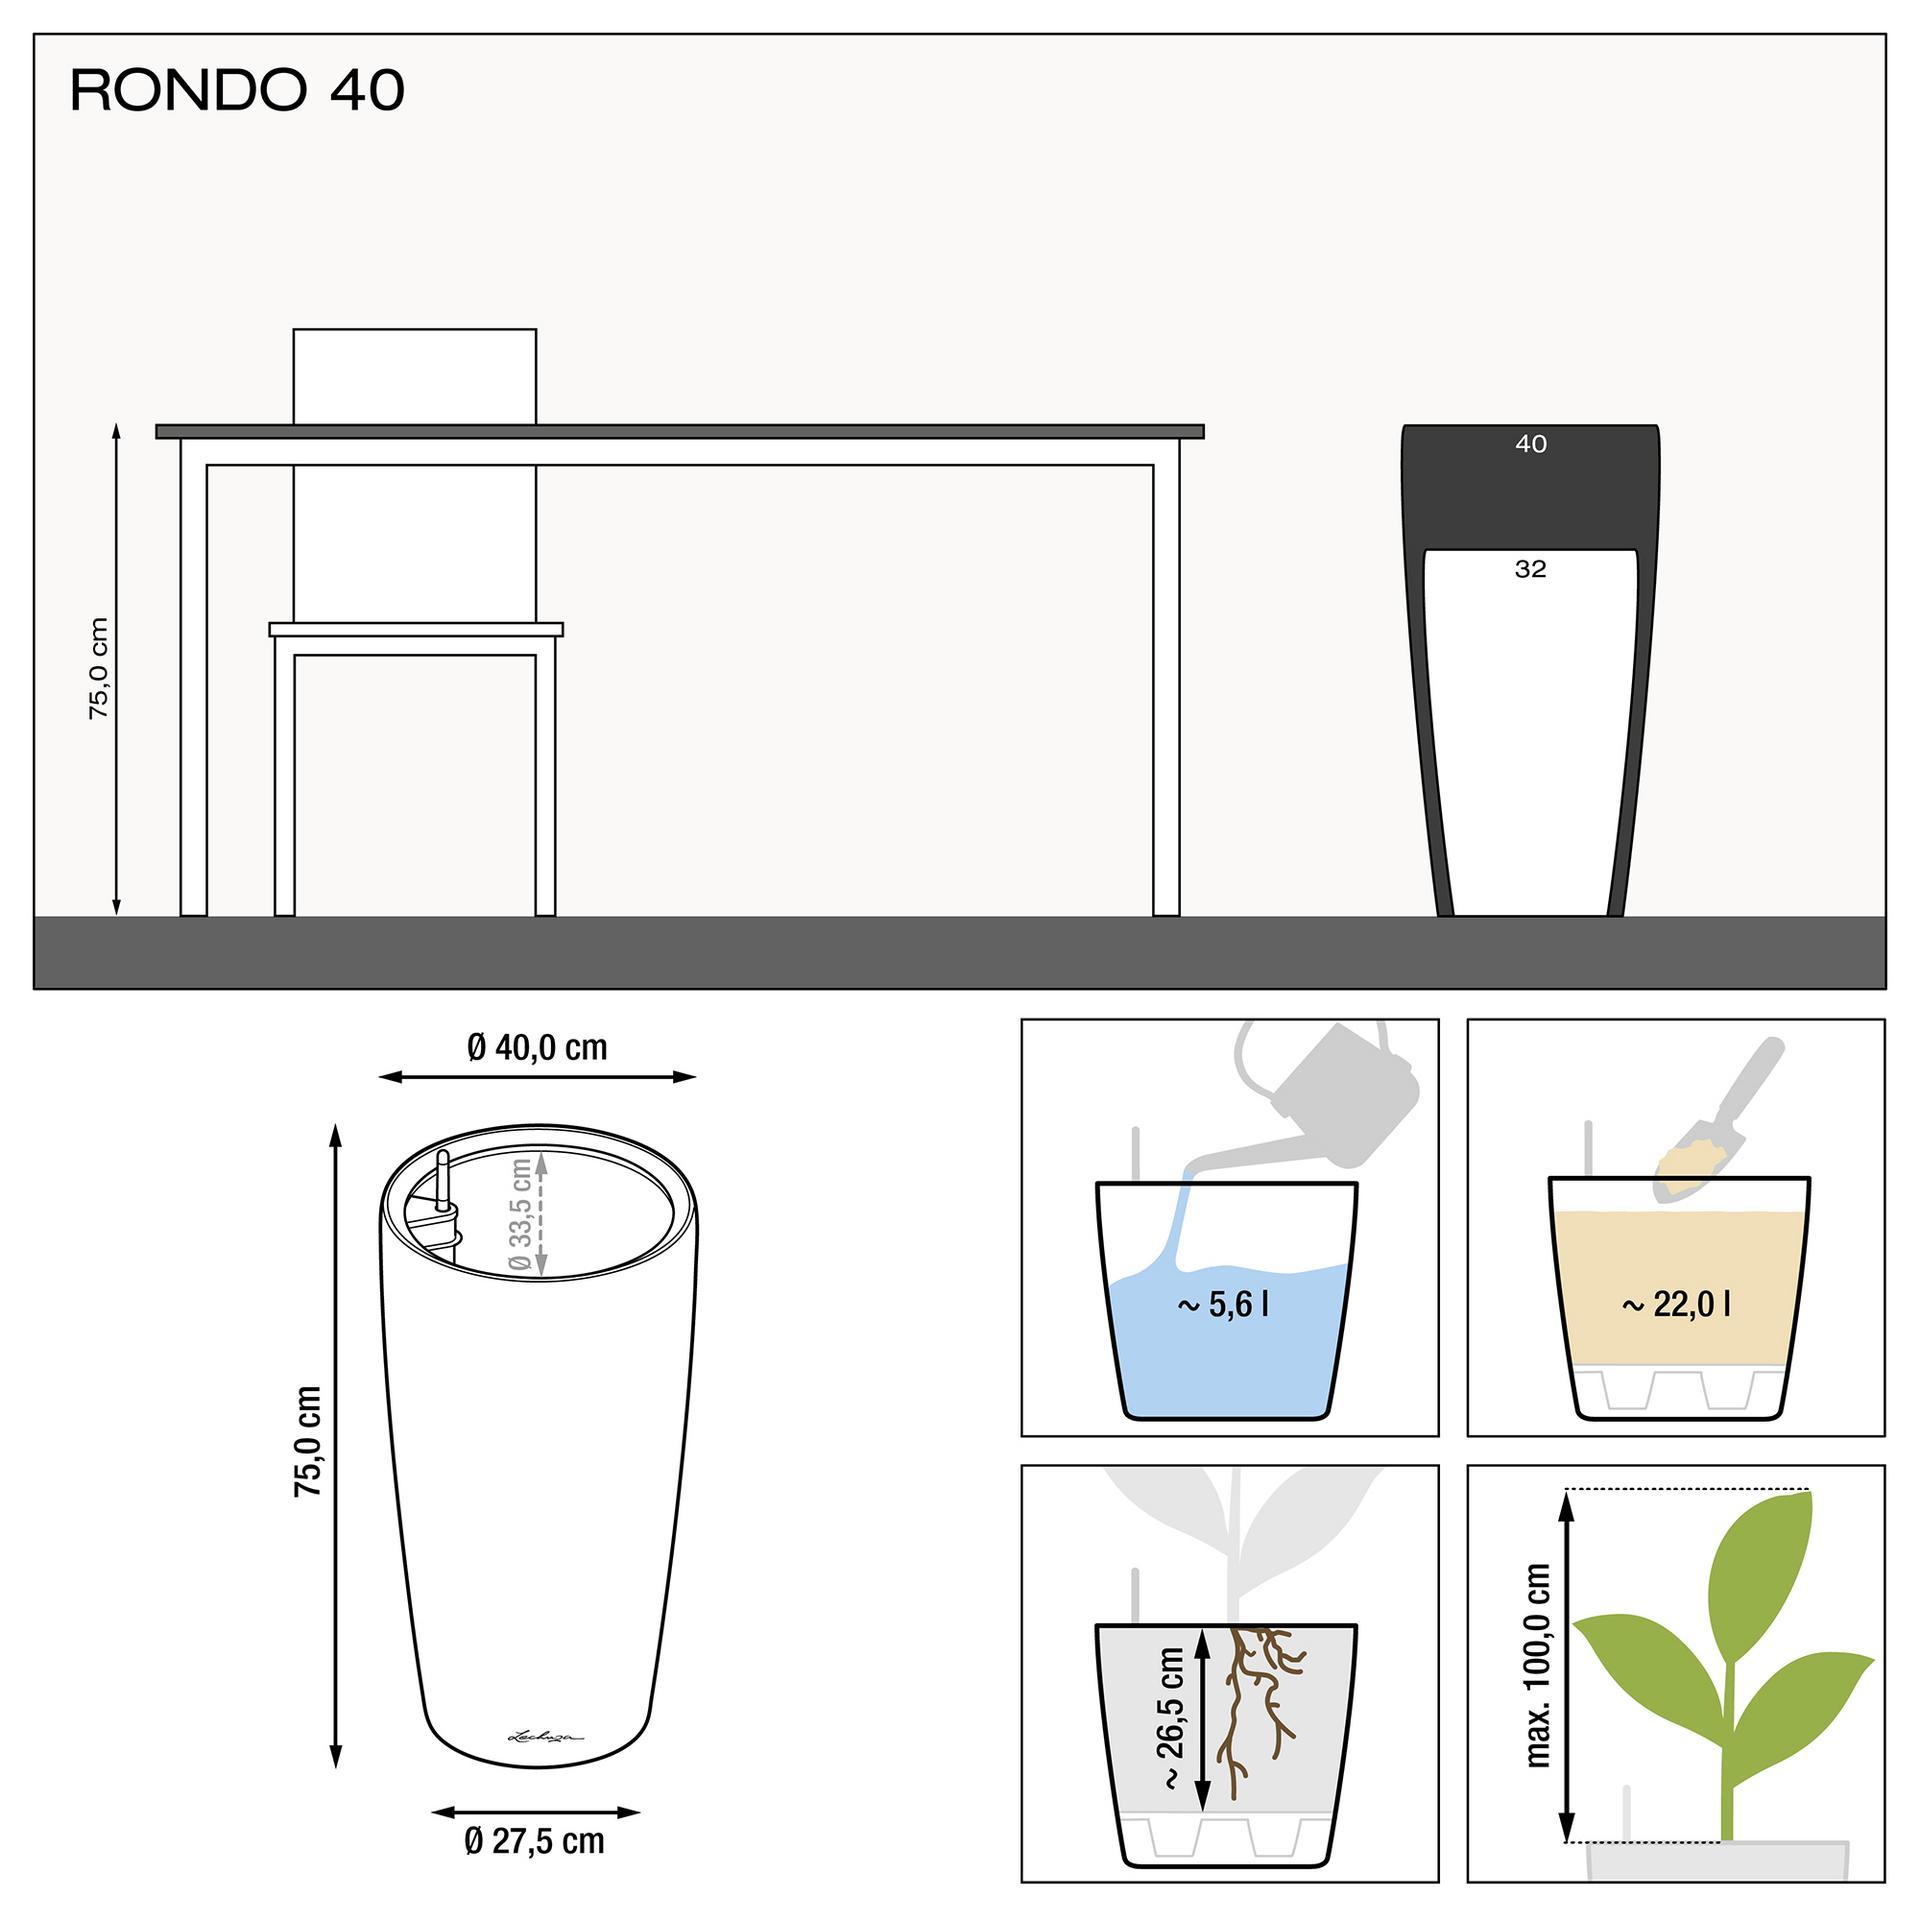 le_rondo40_product_addi_nz